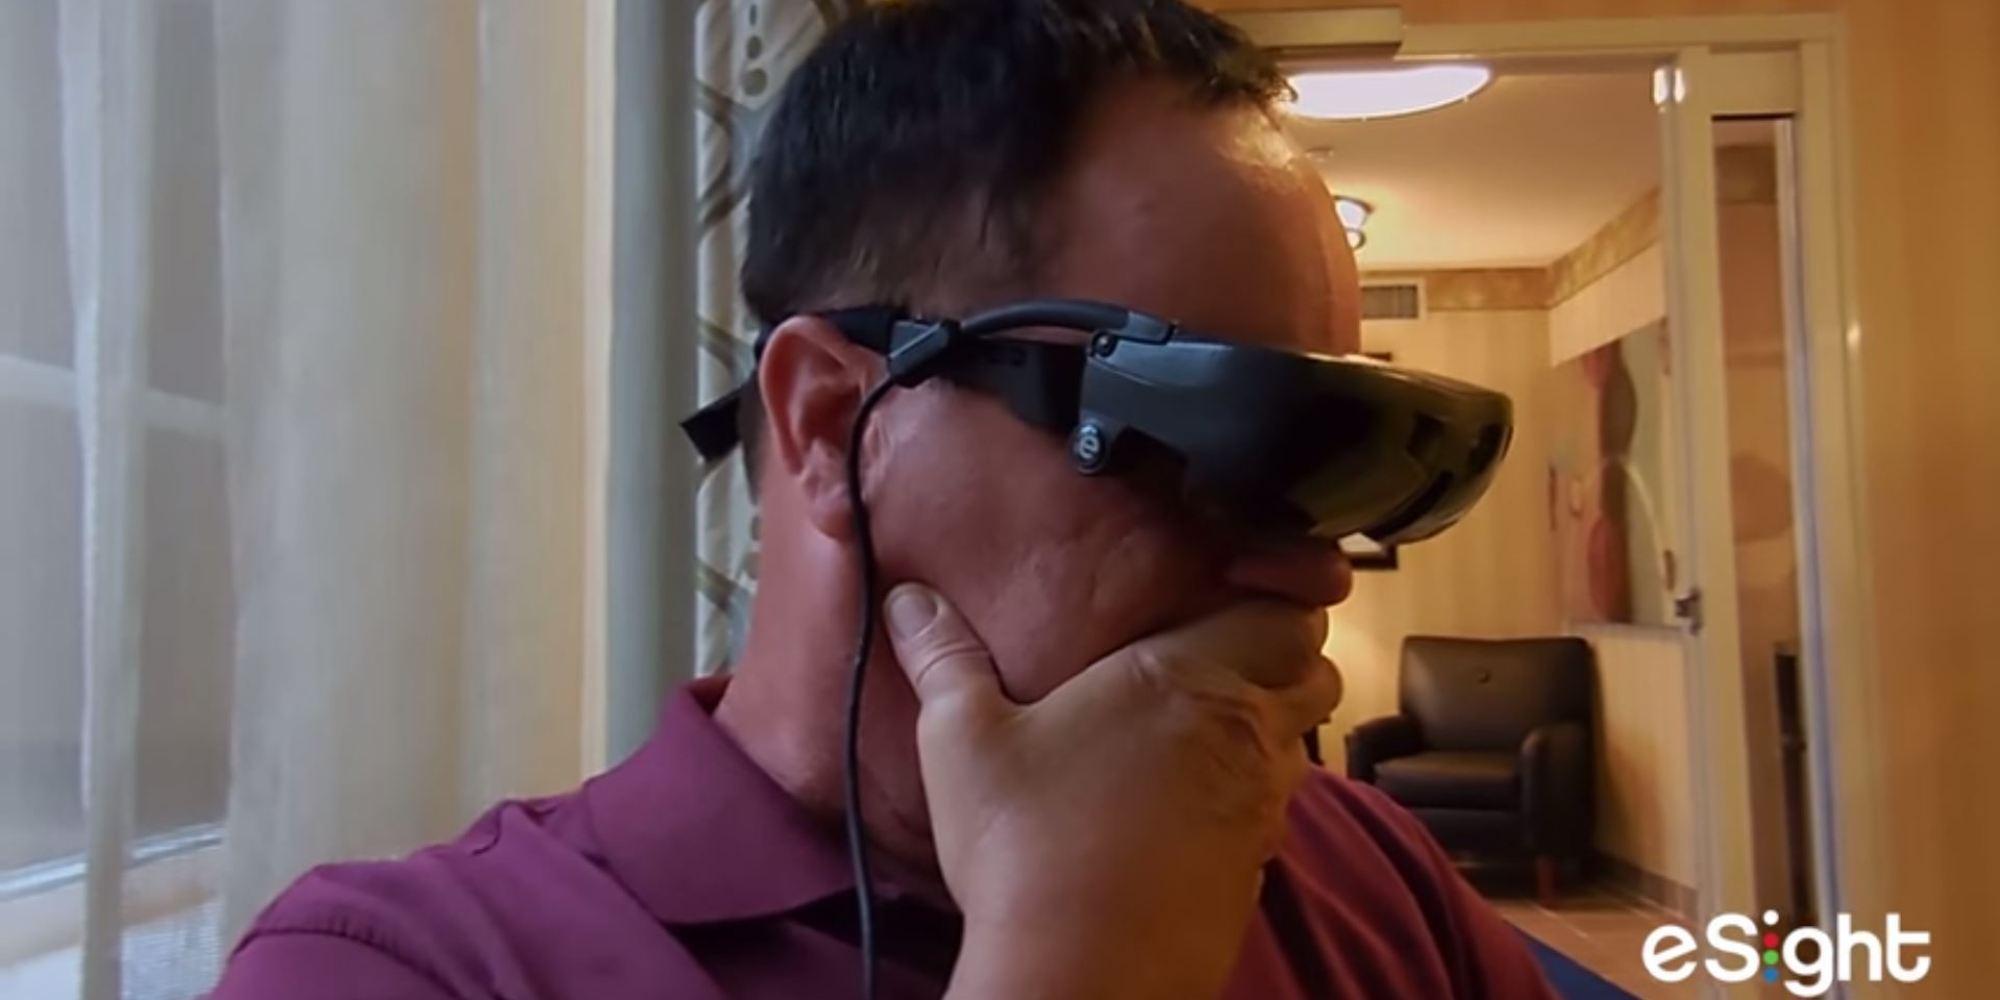 Marc Cornell a retrouvé la vue grâce à une paire de lunettes électroniques